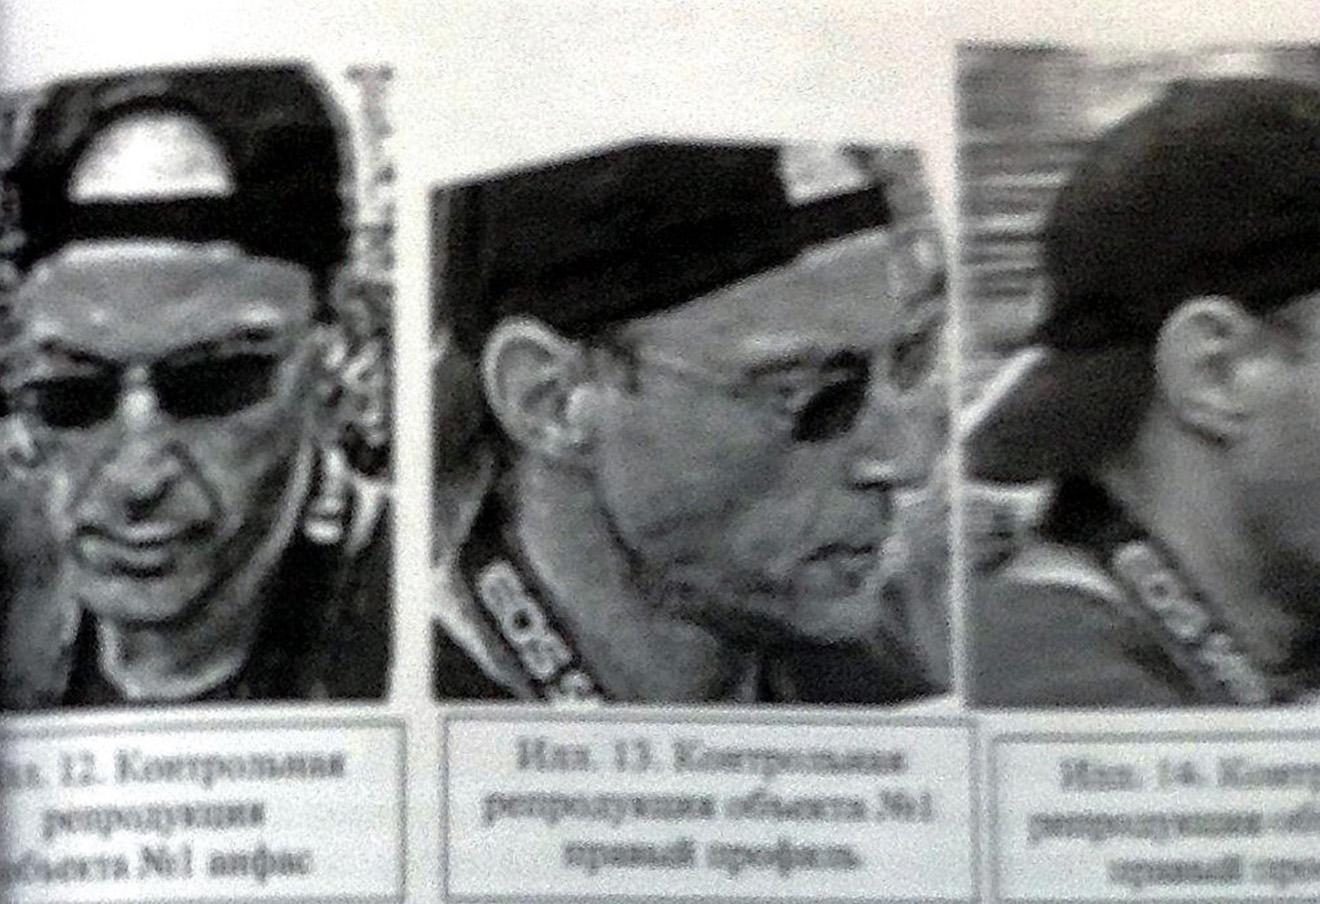 Фотографии подозреваемого из материалов дела